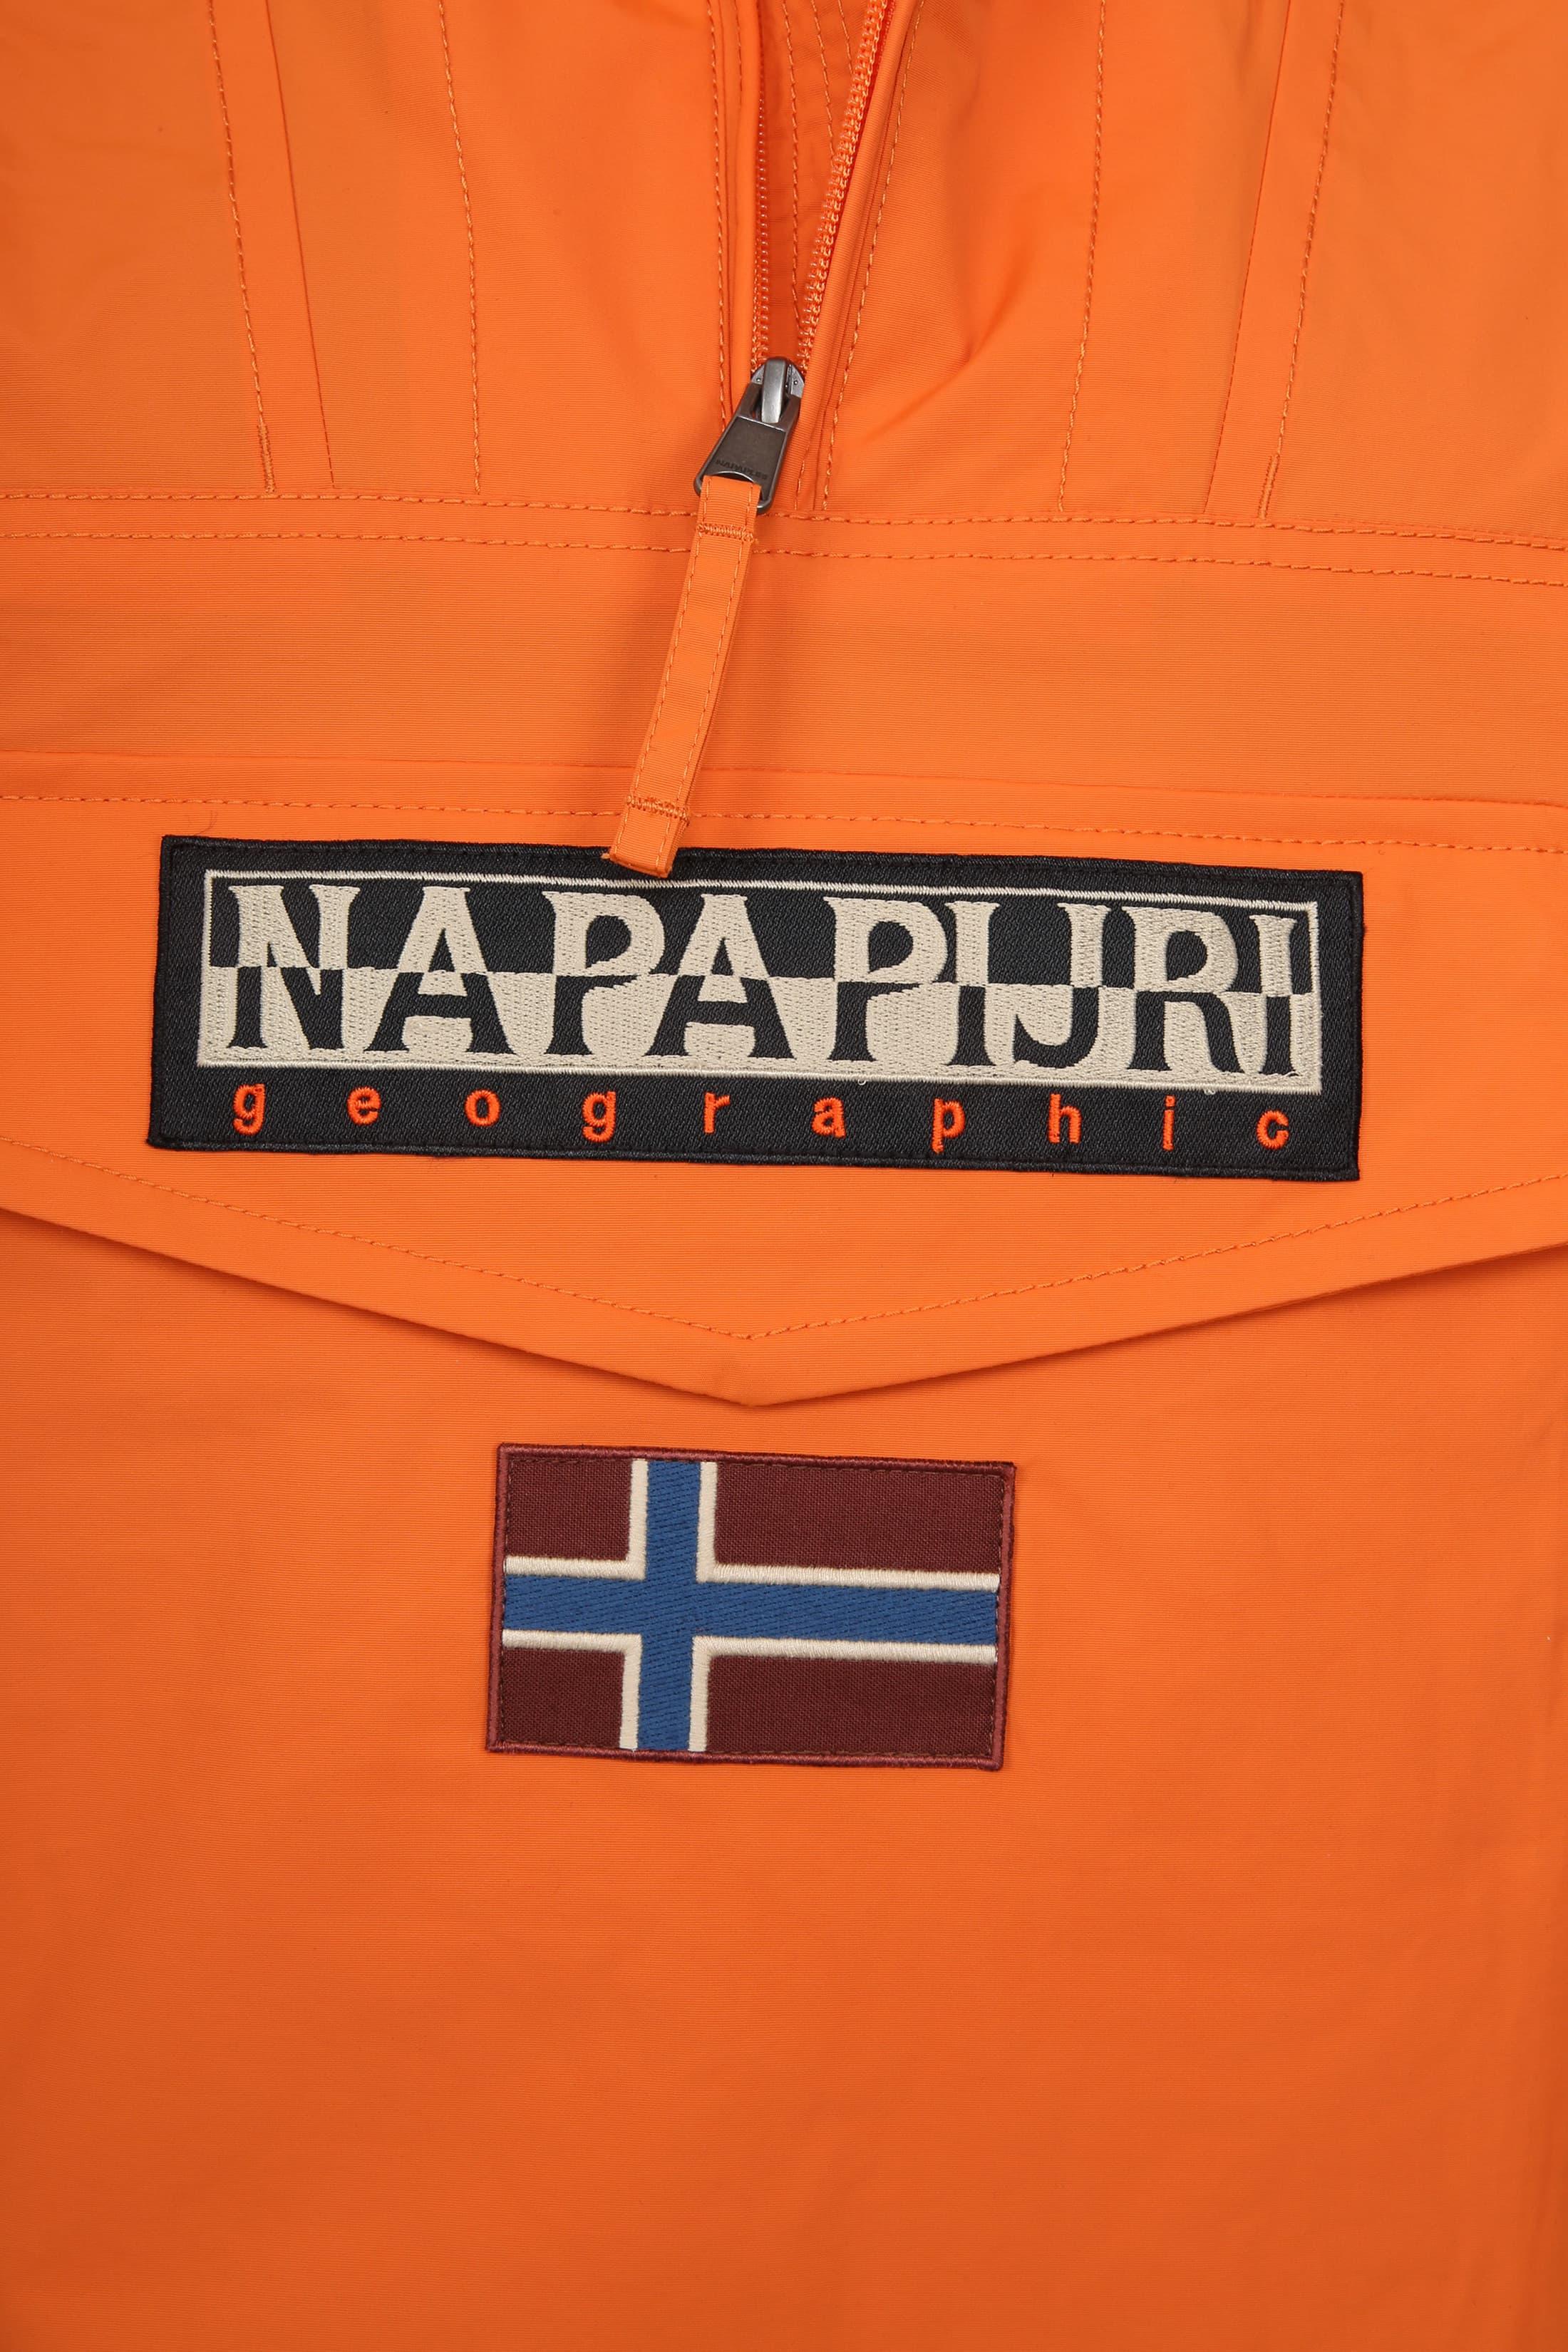 Napapijri Rainforest Summer Jacket Orange  foto 2